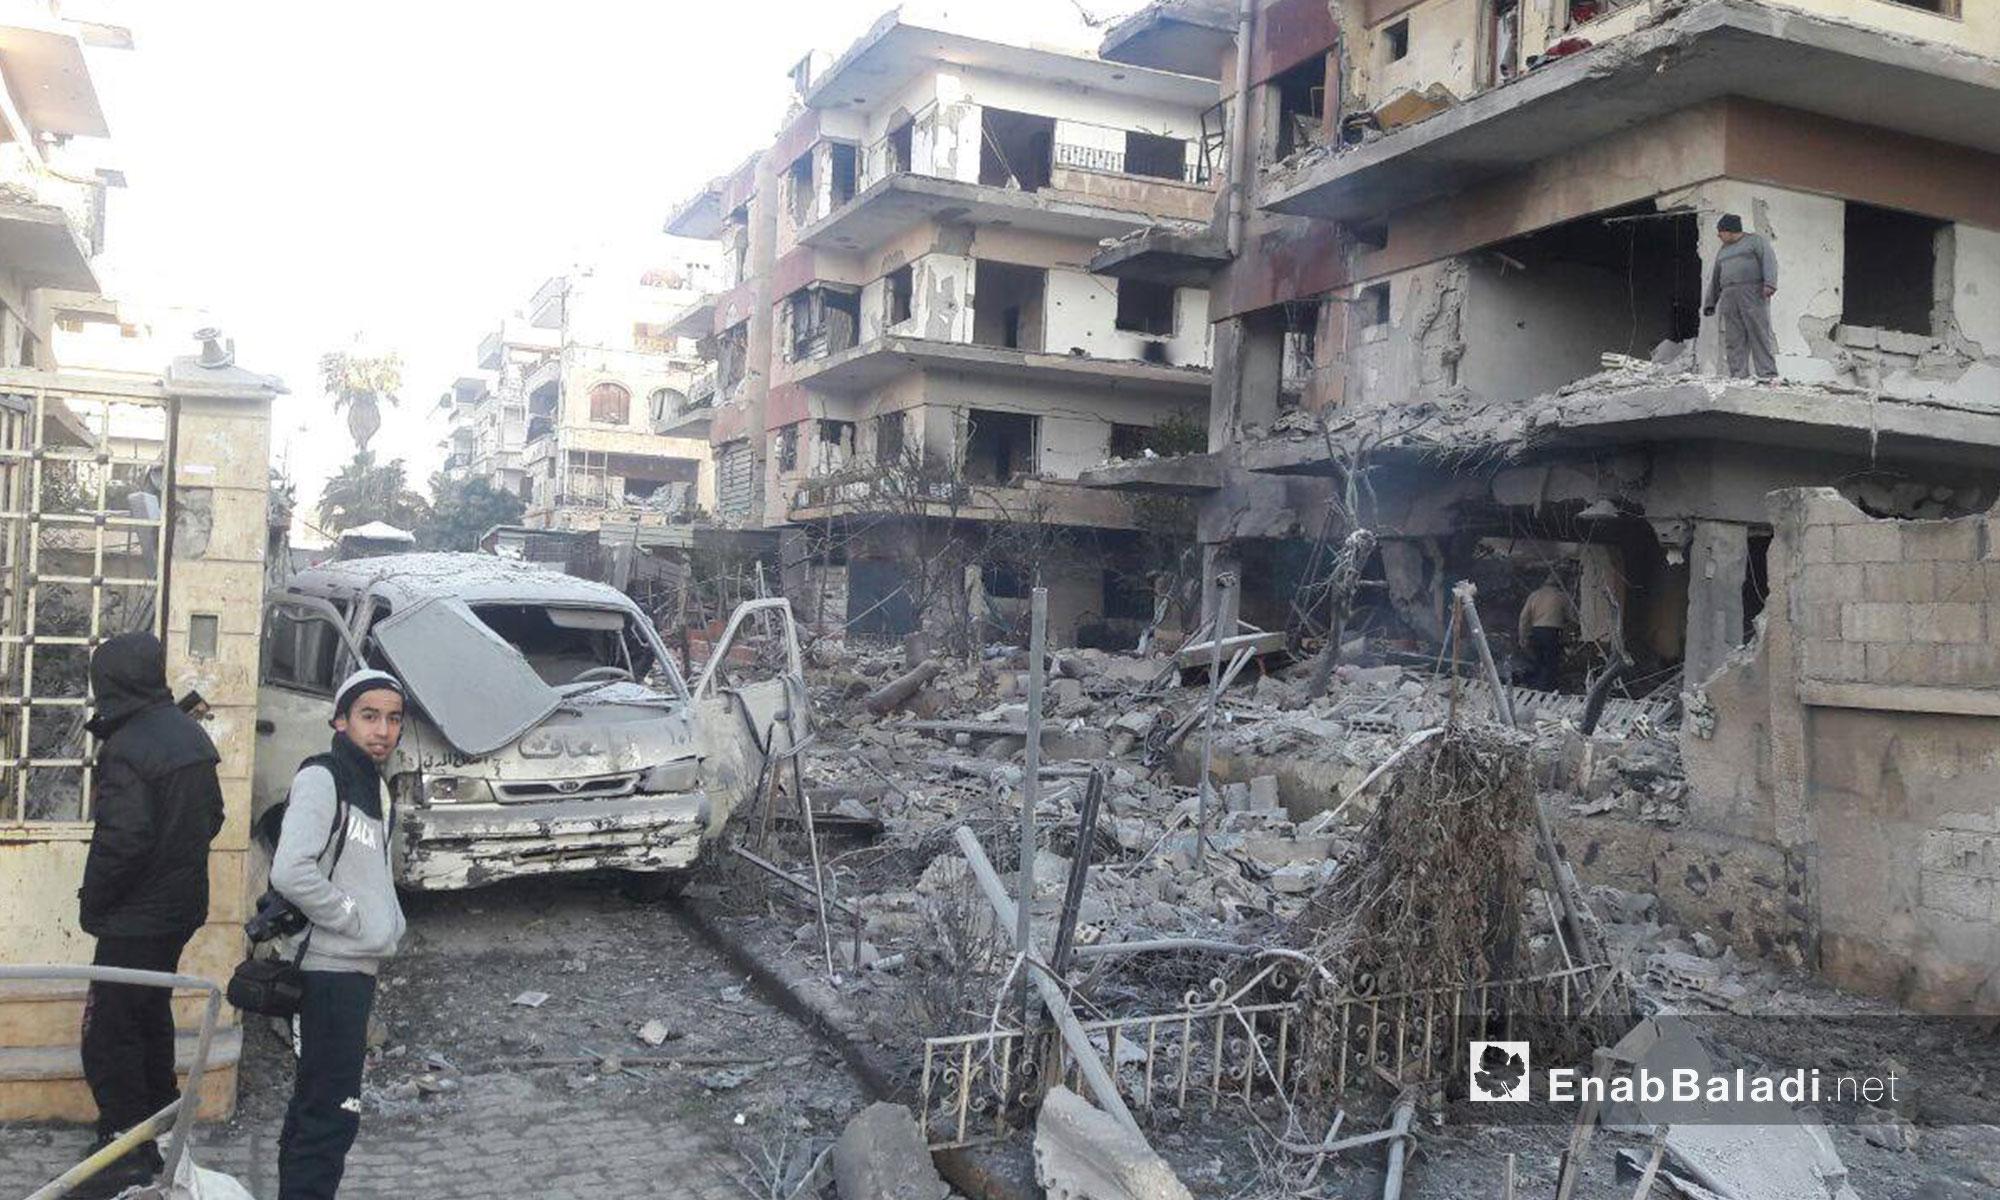 الدمار الذي خلفه القصف على حي الوعر في مدينة حمص - 19 كانون الأول 2016 (عنب بلدي)